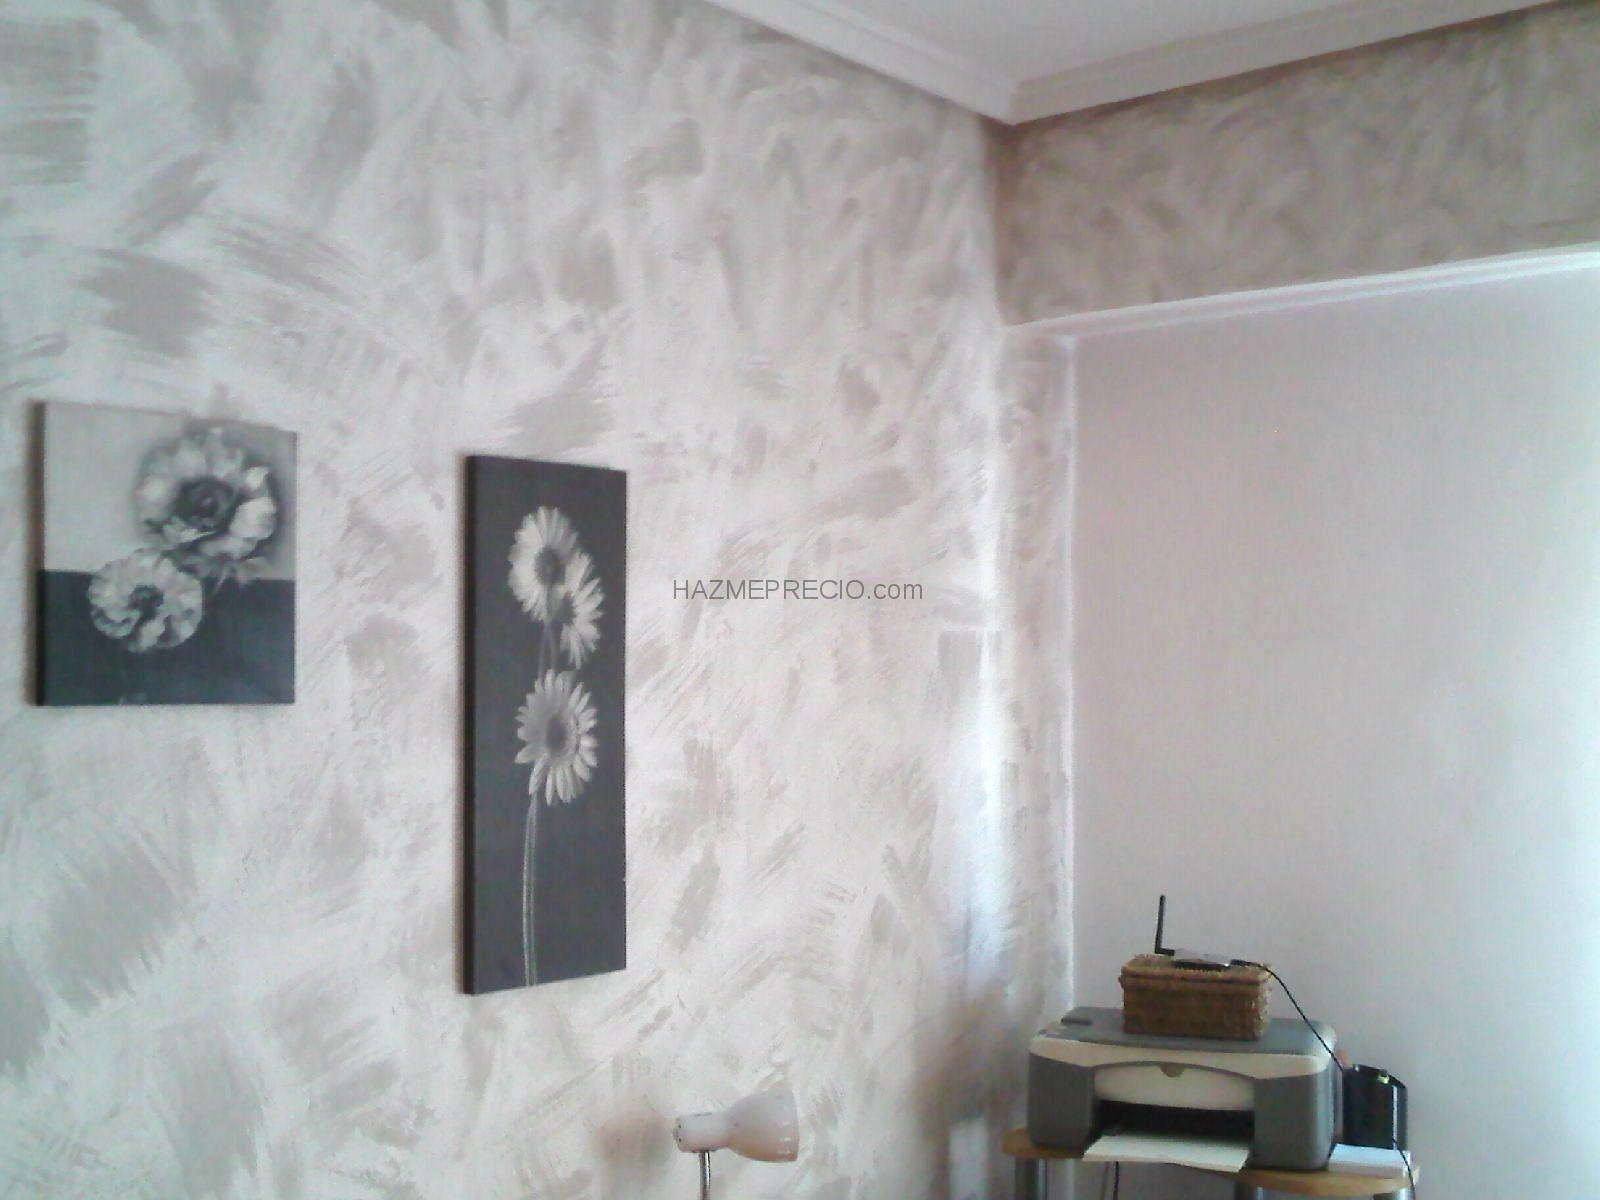 Colores Para Pintar Un Salon Con Gotele.Pinturas Decorativas Trabajo En Habitacion Con Gotele Eliminado